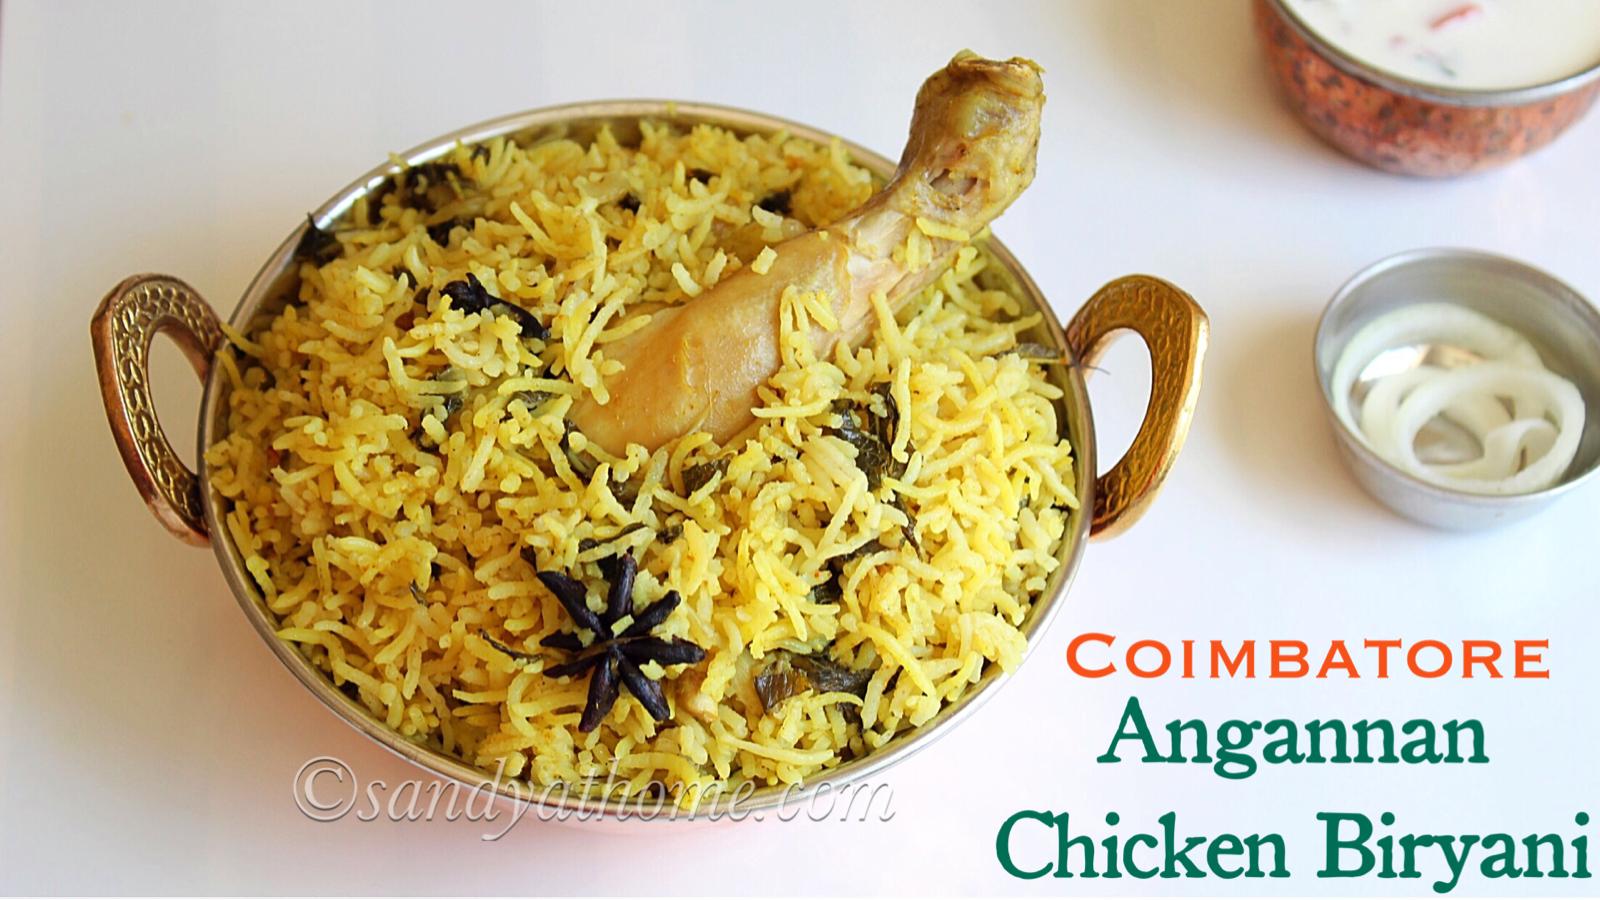 Coimbatore Chicken Biryani Sandhya S Recipes